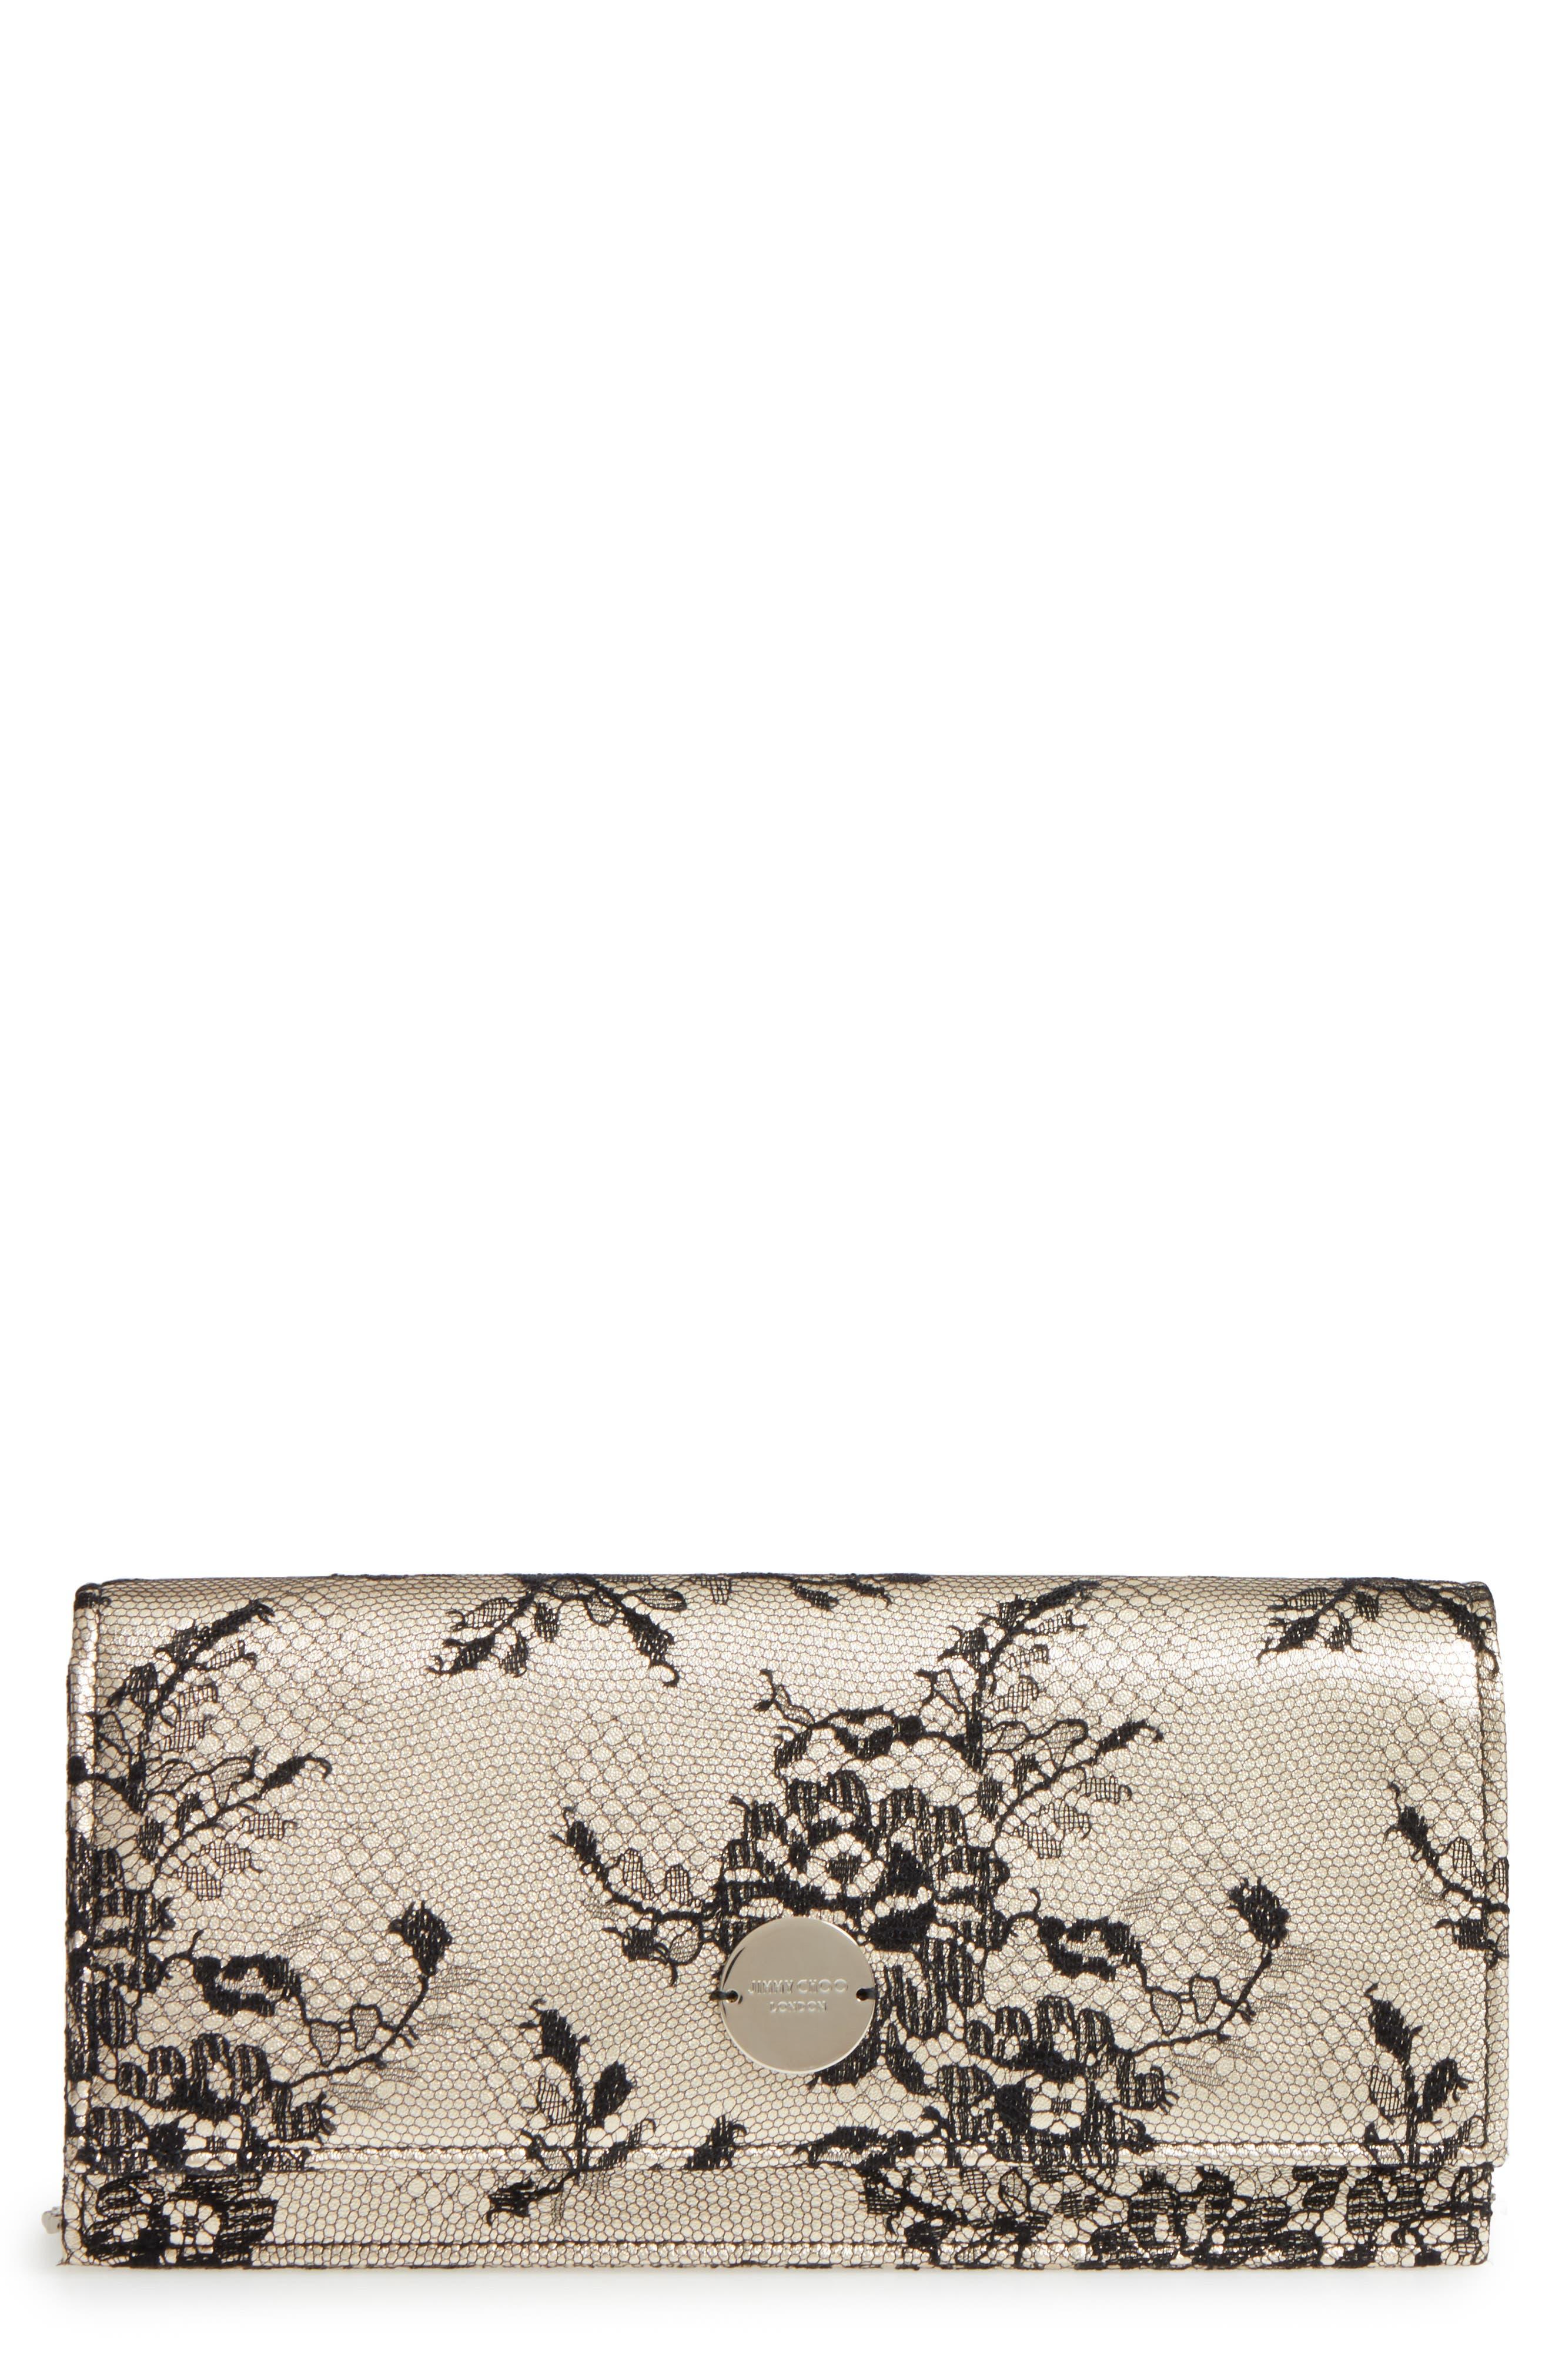 Jimmy Choo Floral Lace & Leather Shoulder Bag